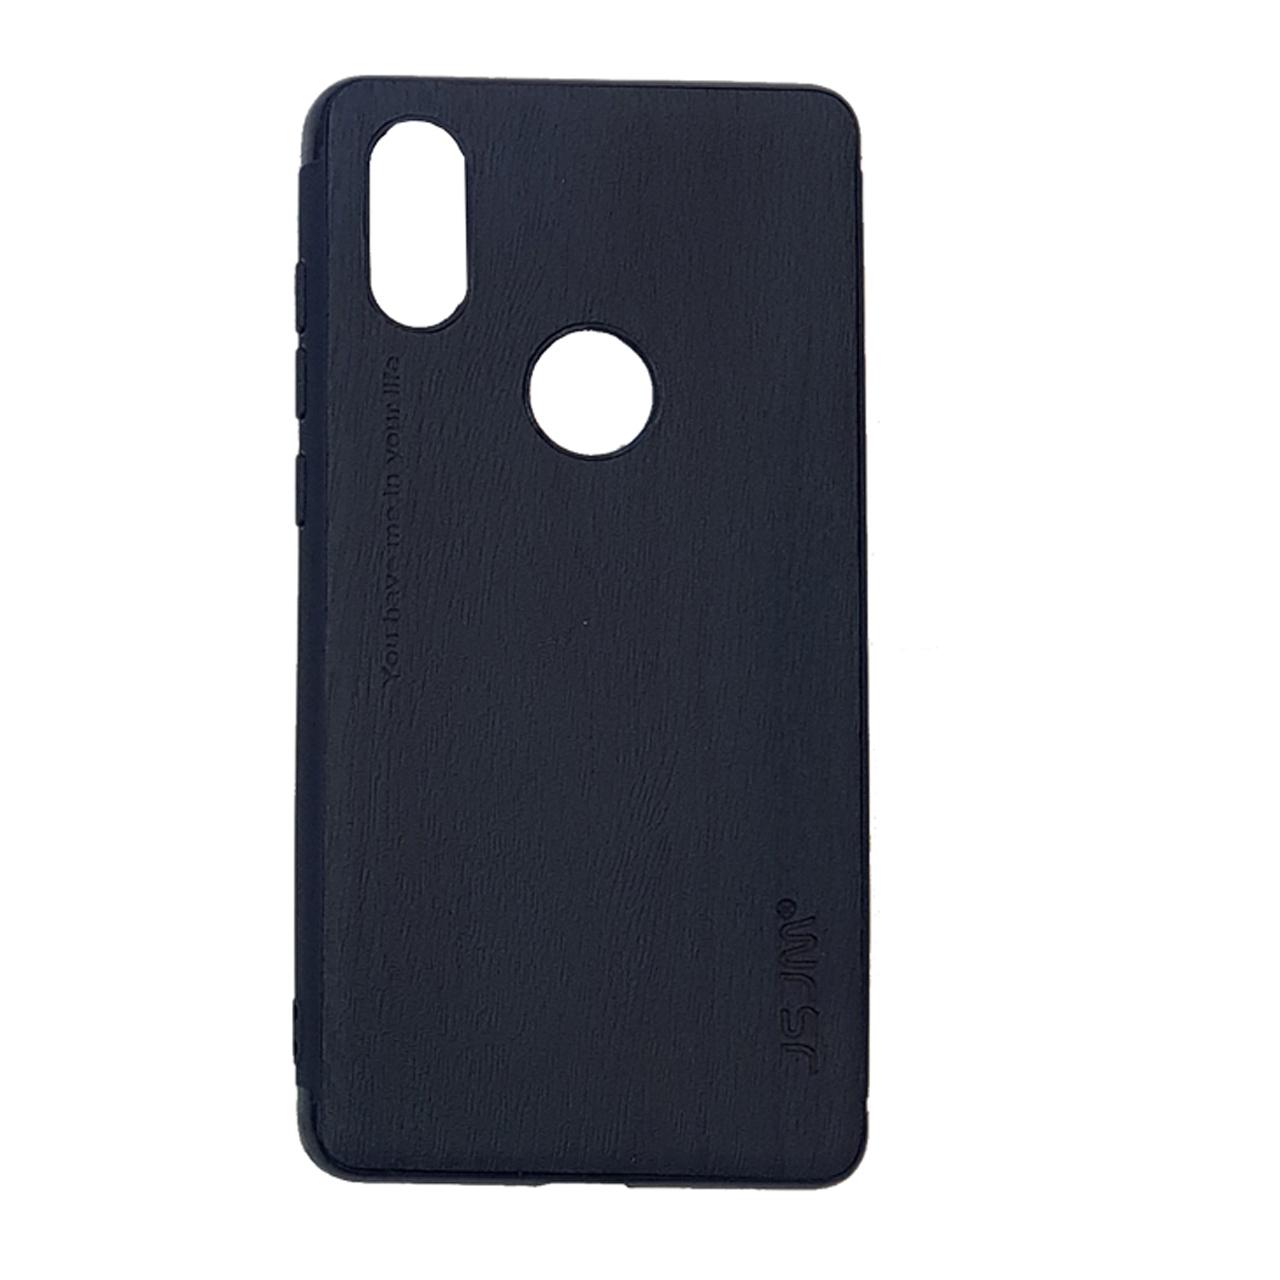 کاور جی اس جی ام مدل Wood Design مناسب برای گوشی هوآوی P20 lite / Nova 3e